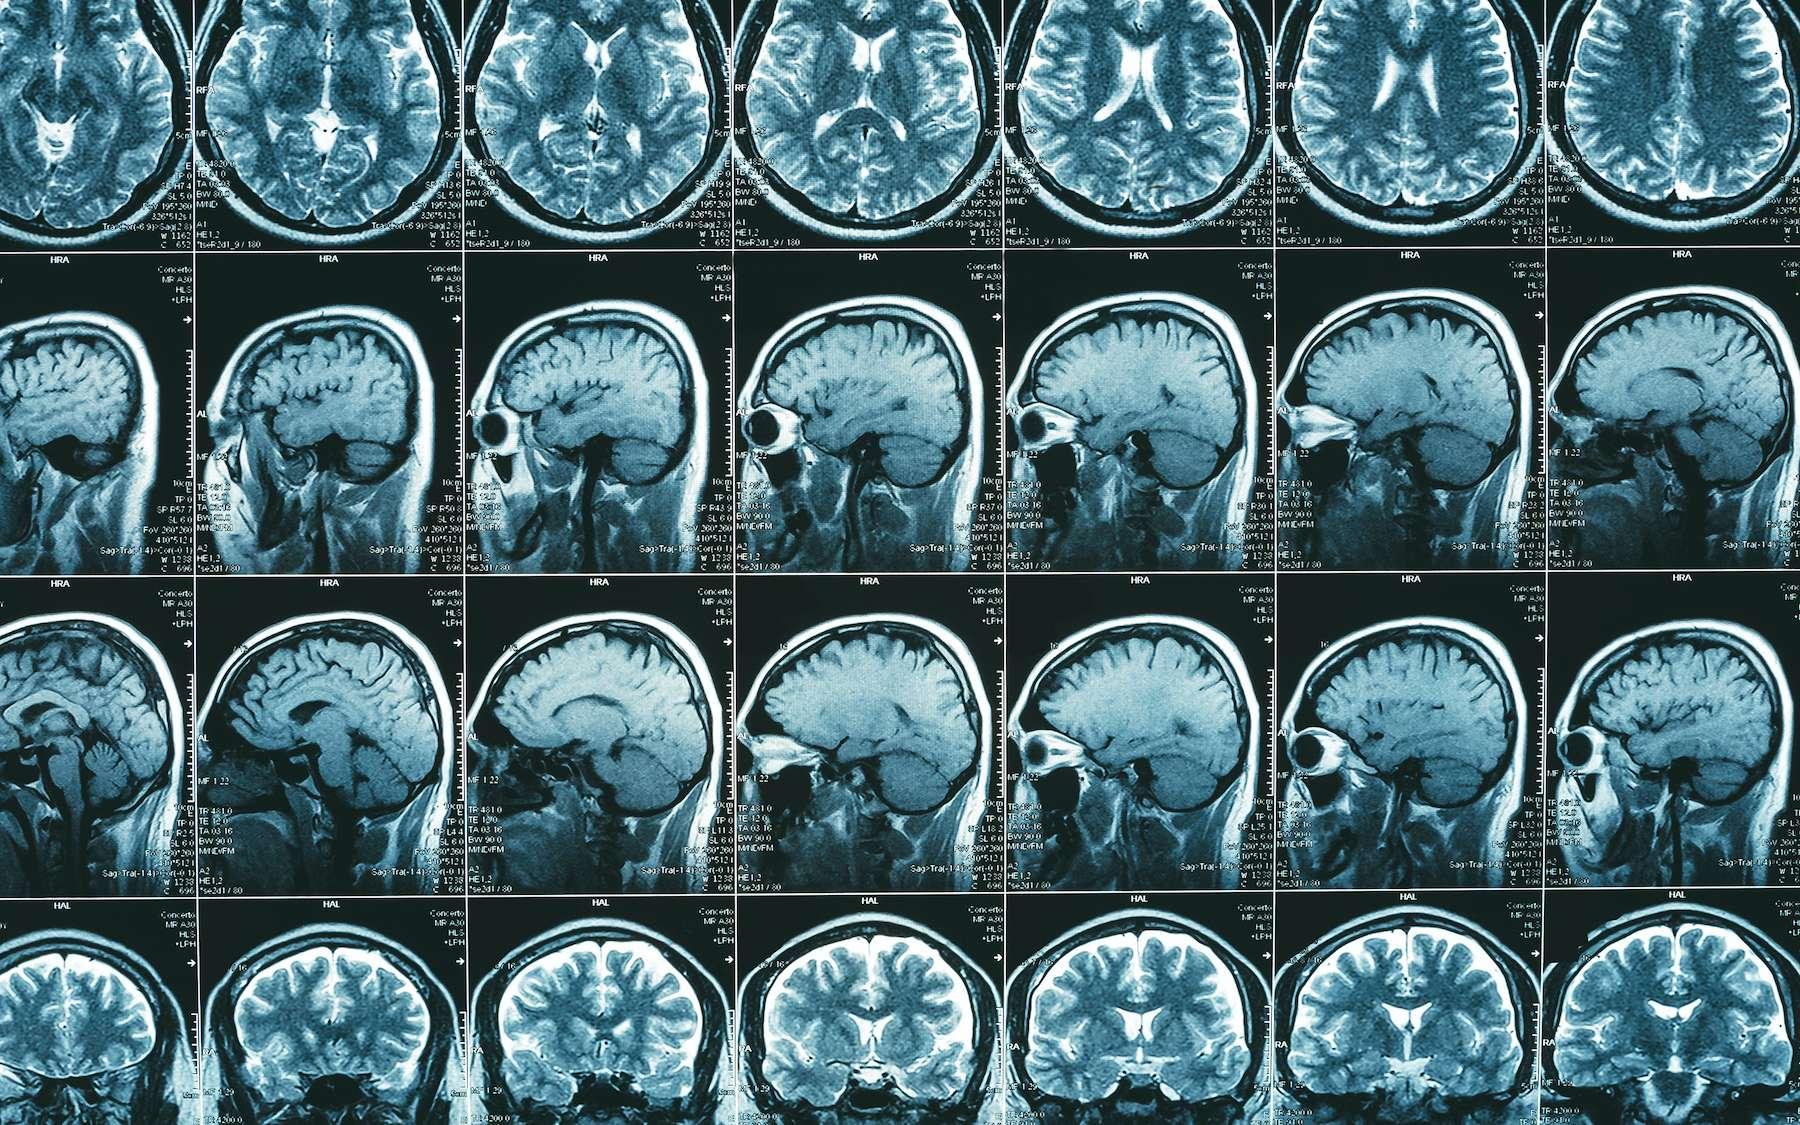 Les études montrant l'implication d'une zone du cerveau dans une tâche ou lors d'une émotion sont très peu reproductibles. © DedMityay, Adobe Stock